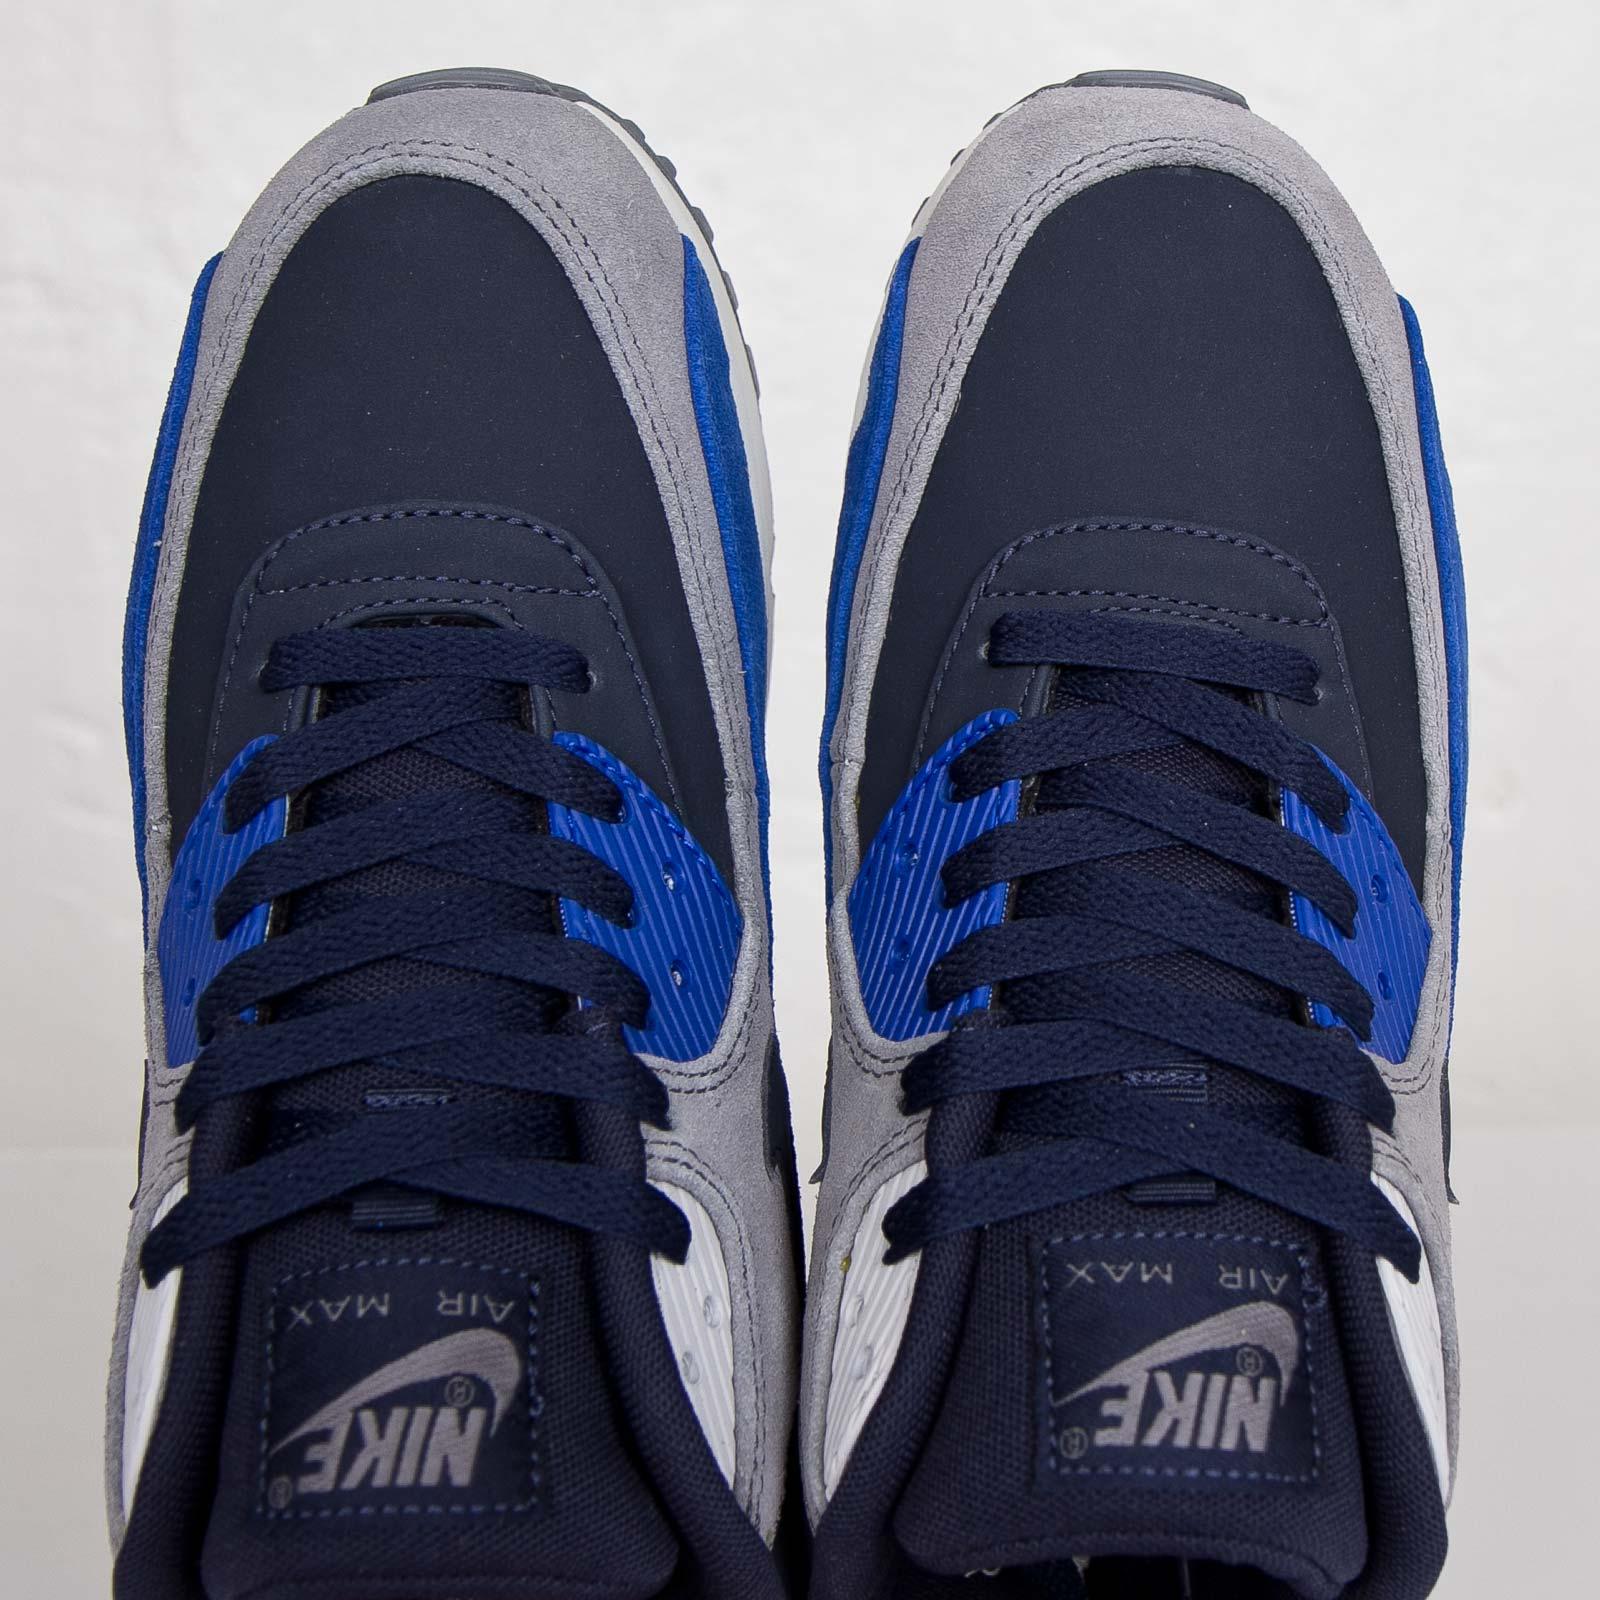 Nike Air Max 90 LTR Premium 666578 400 Sneakersnstuff